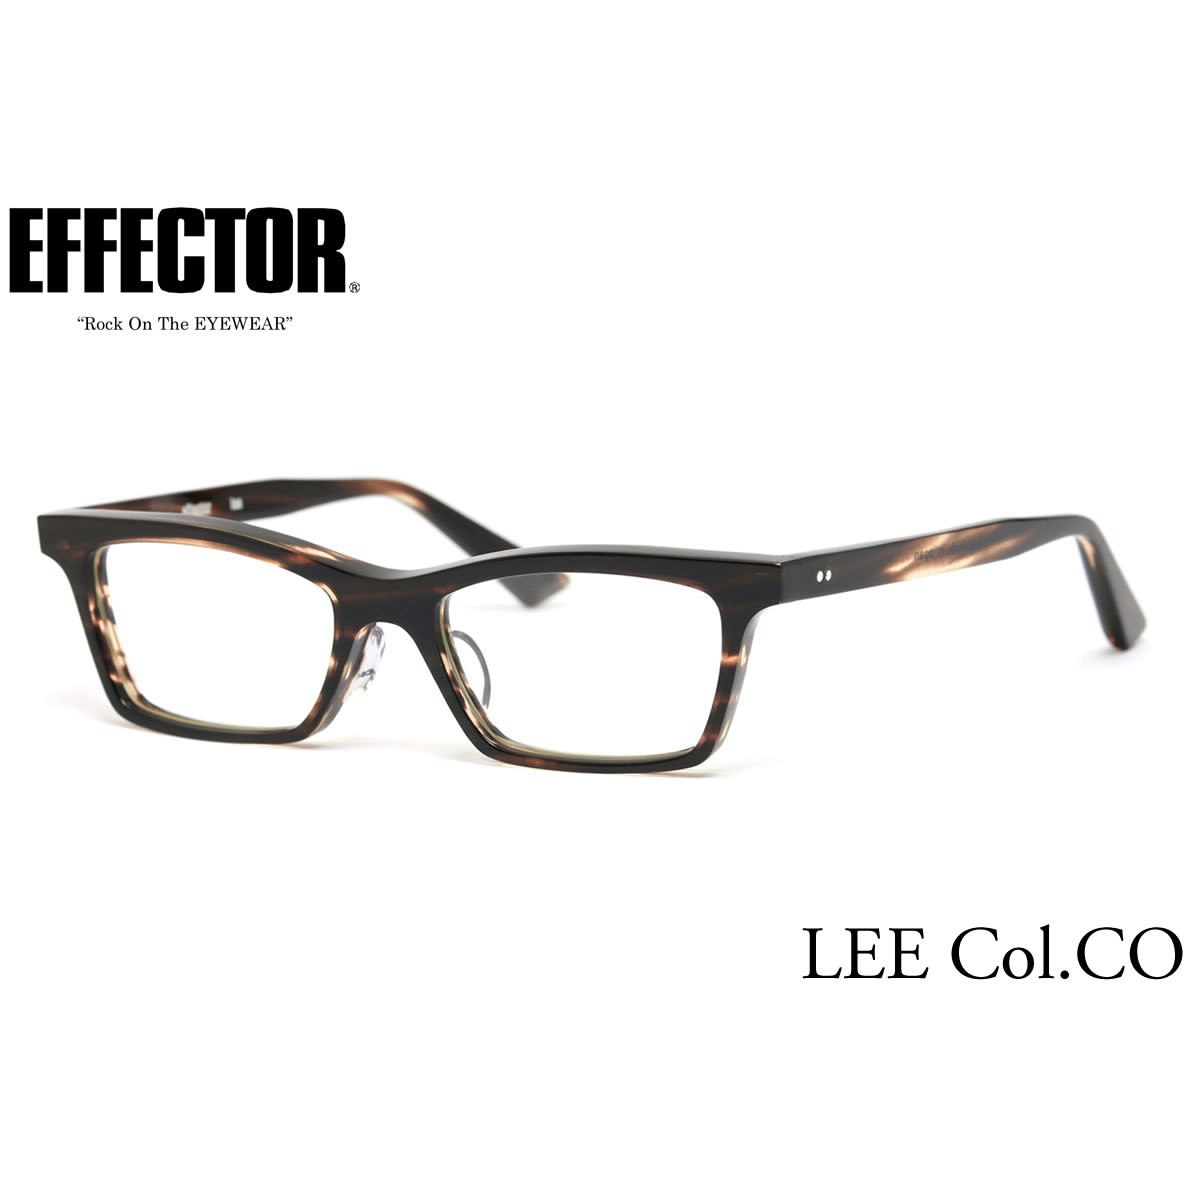 【10月30日からエントリーで全品ポイント20倍】【effector】エフェクター 眼鏡 メガネ フレーム LEE CO/S 50サイズ エフェクター effector リー UVカット仕様伊達メガネレンズ付 日本製 セルロイド レディース メンズ